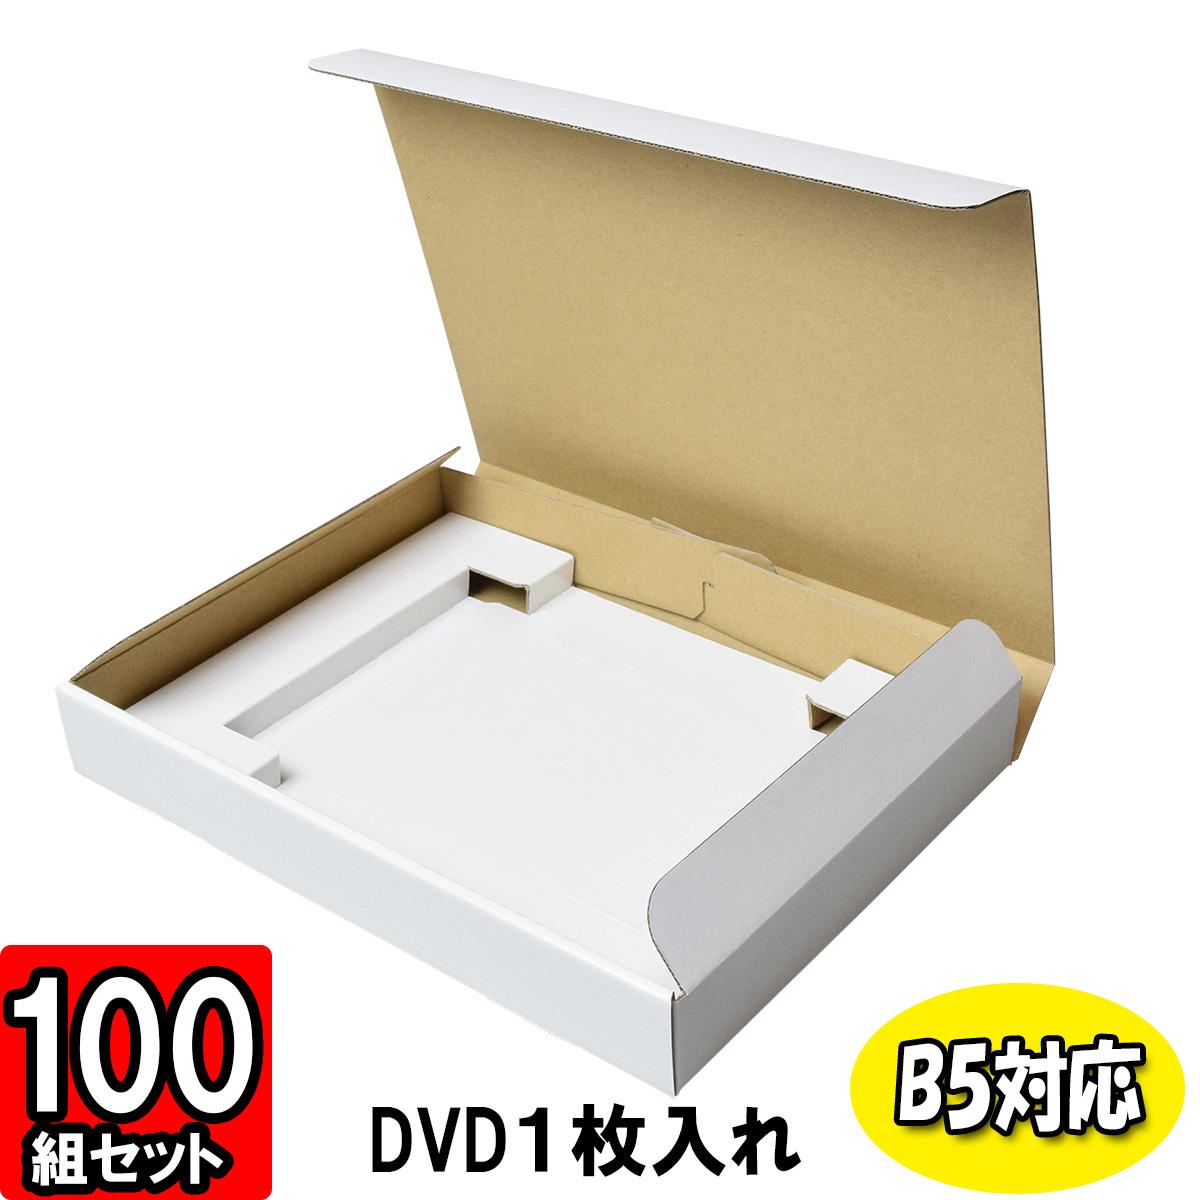 【あす楽】DVD入れ箱【仕切付き】【B5対応】【1枚入用】 100枚セット 【ダンボール箱 段ボール箱 DVD発送 梱包材 梱包資材】